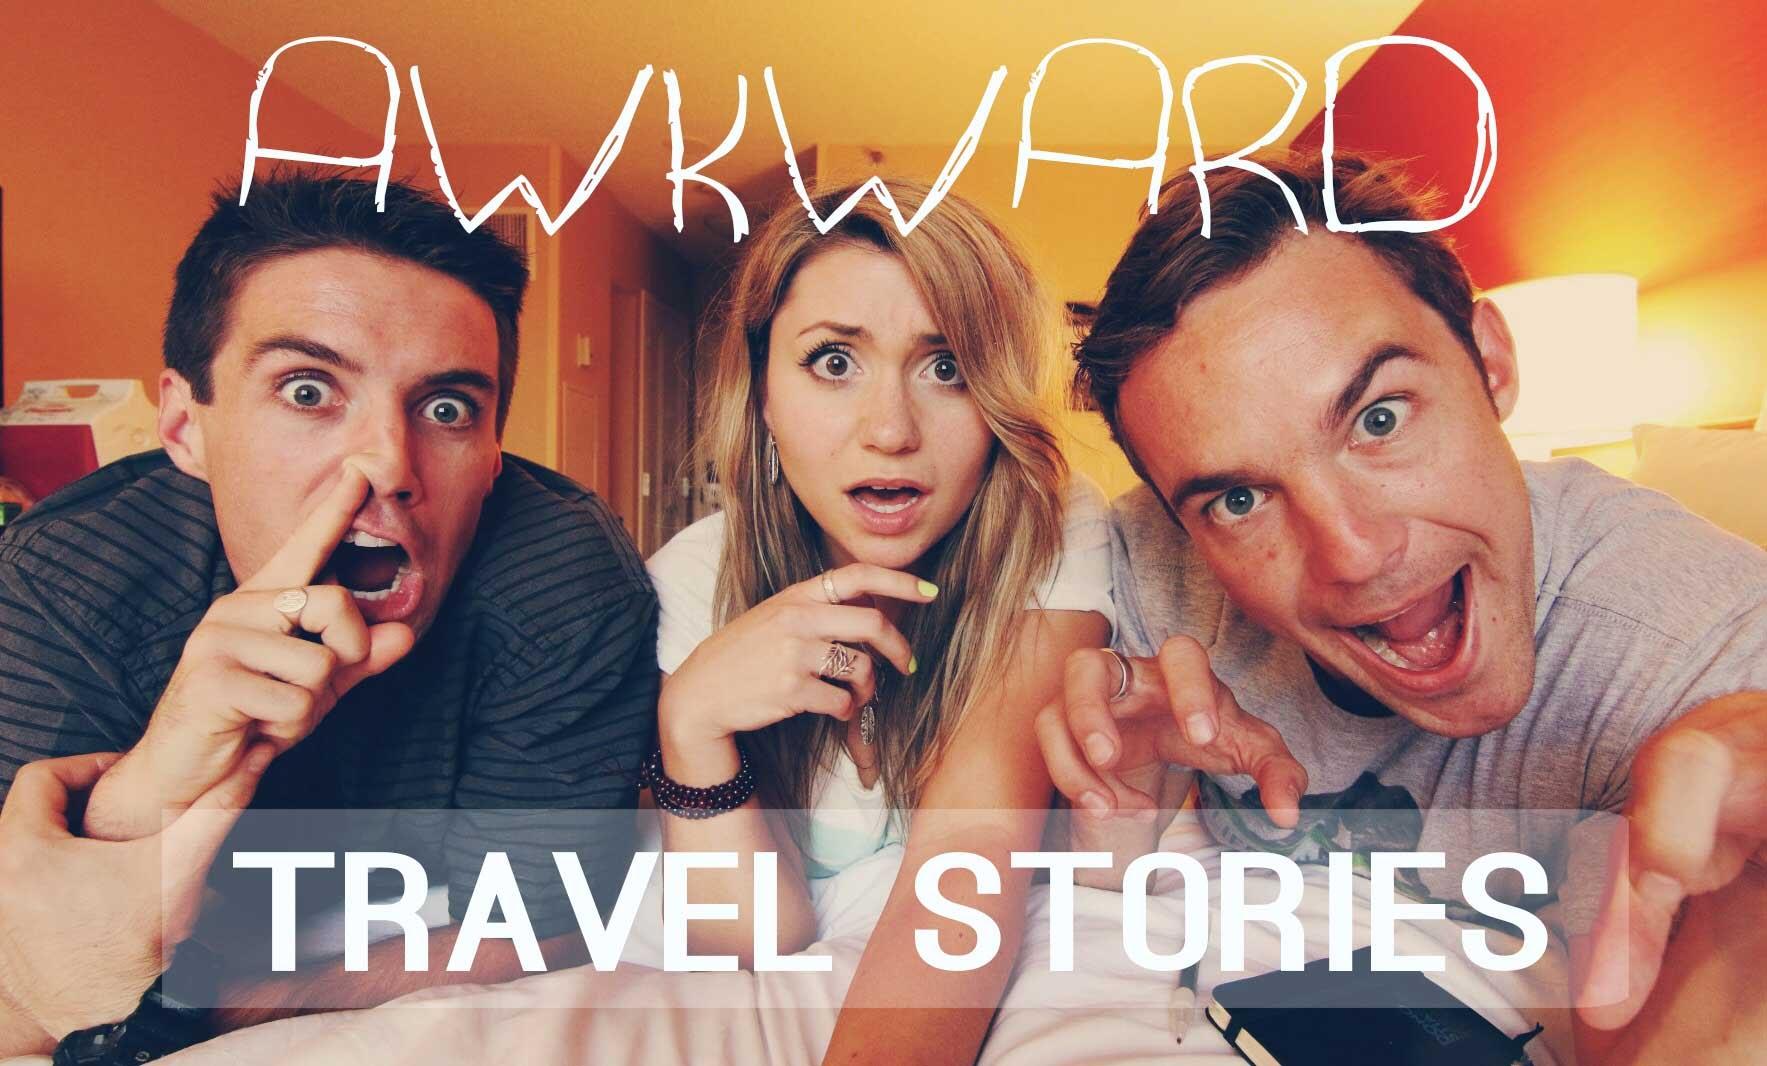 Vloggerii de călătorie care m-au inspirat